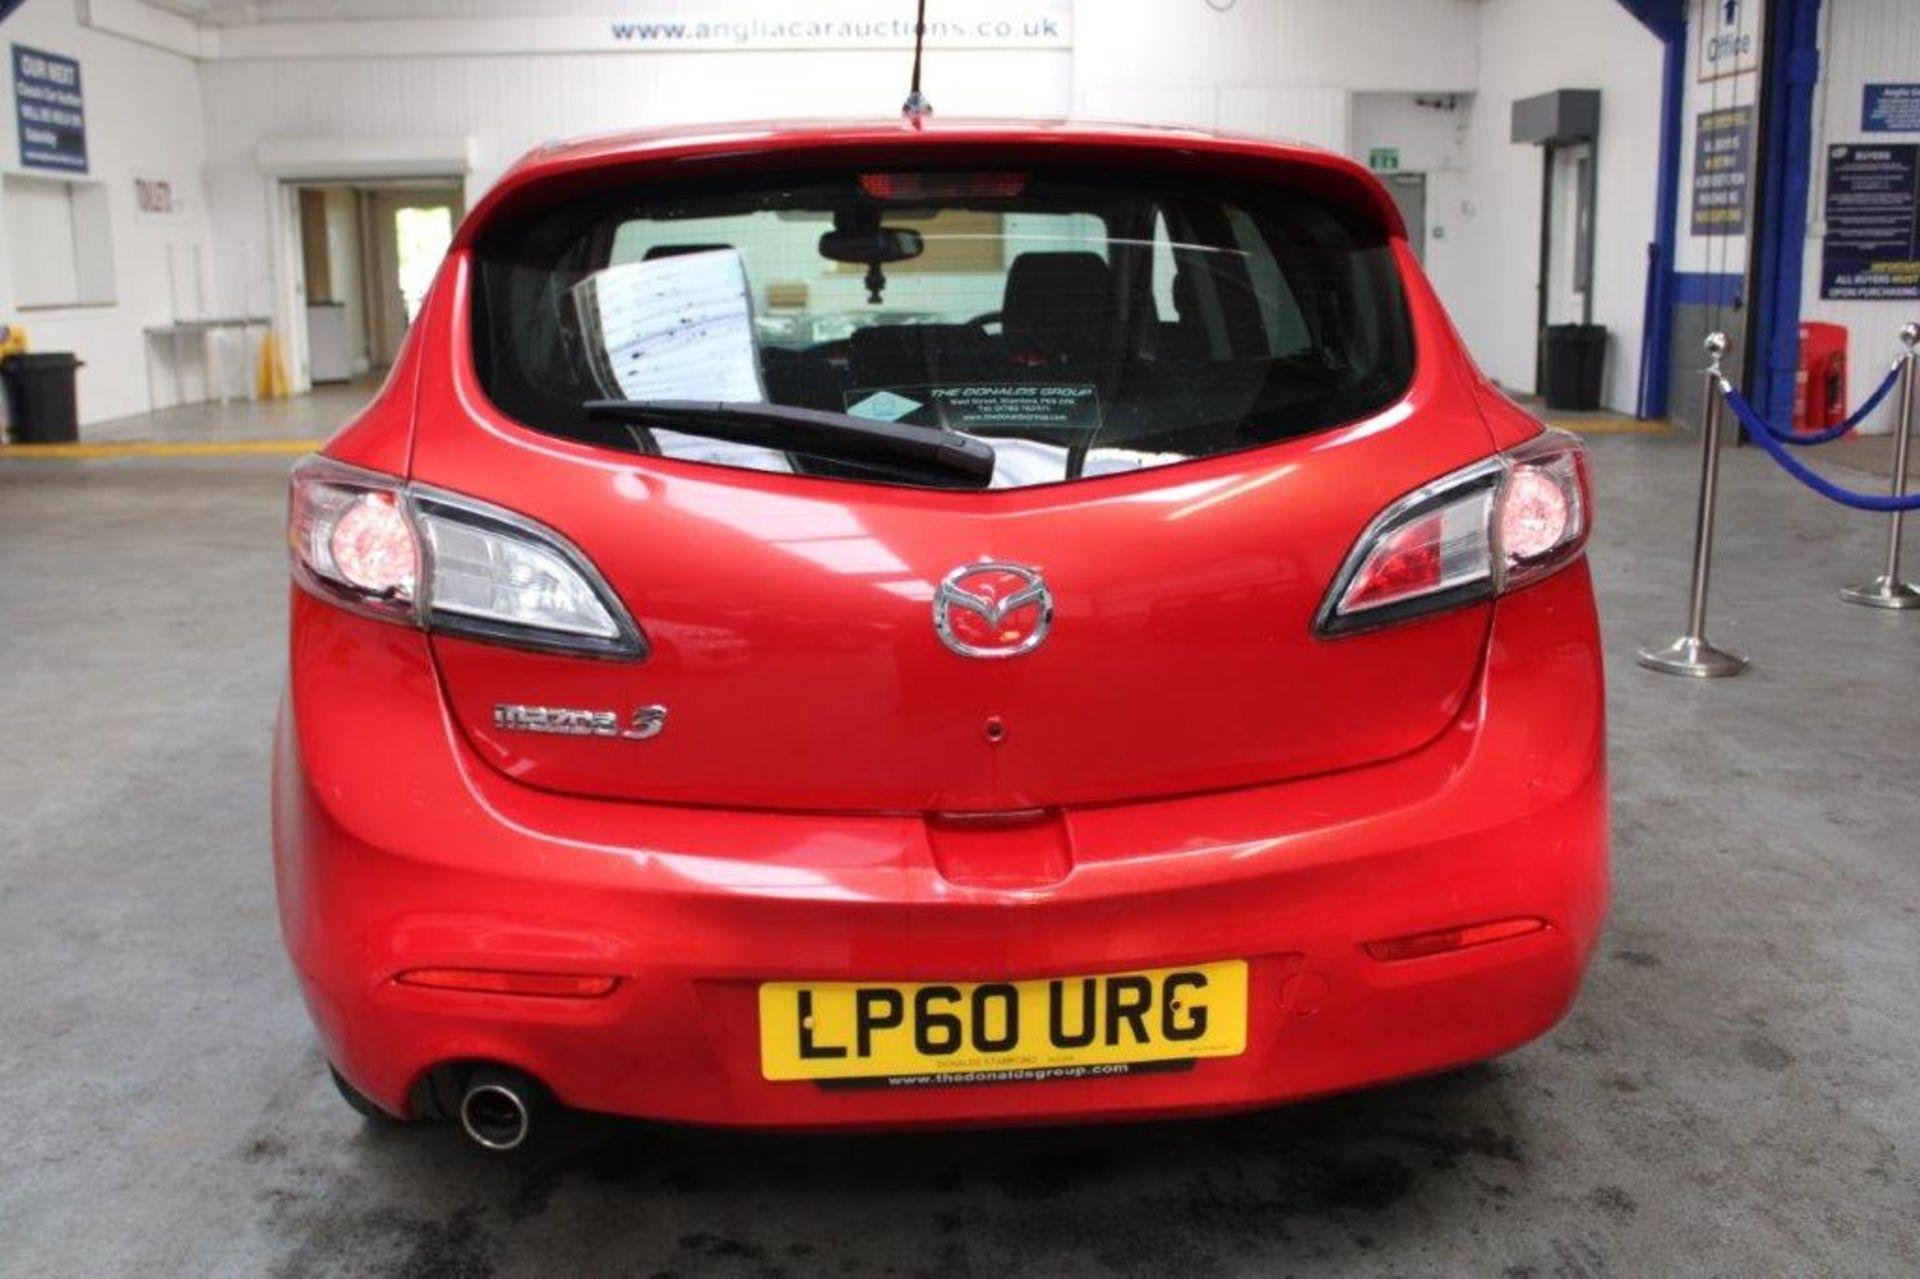 60 11 Mazda 3 Sport - Image 9 of 26